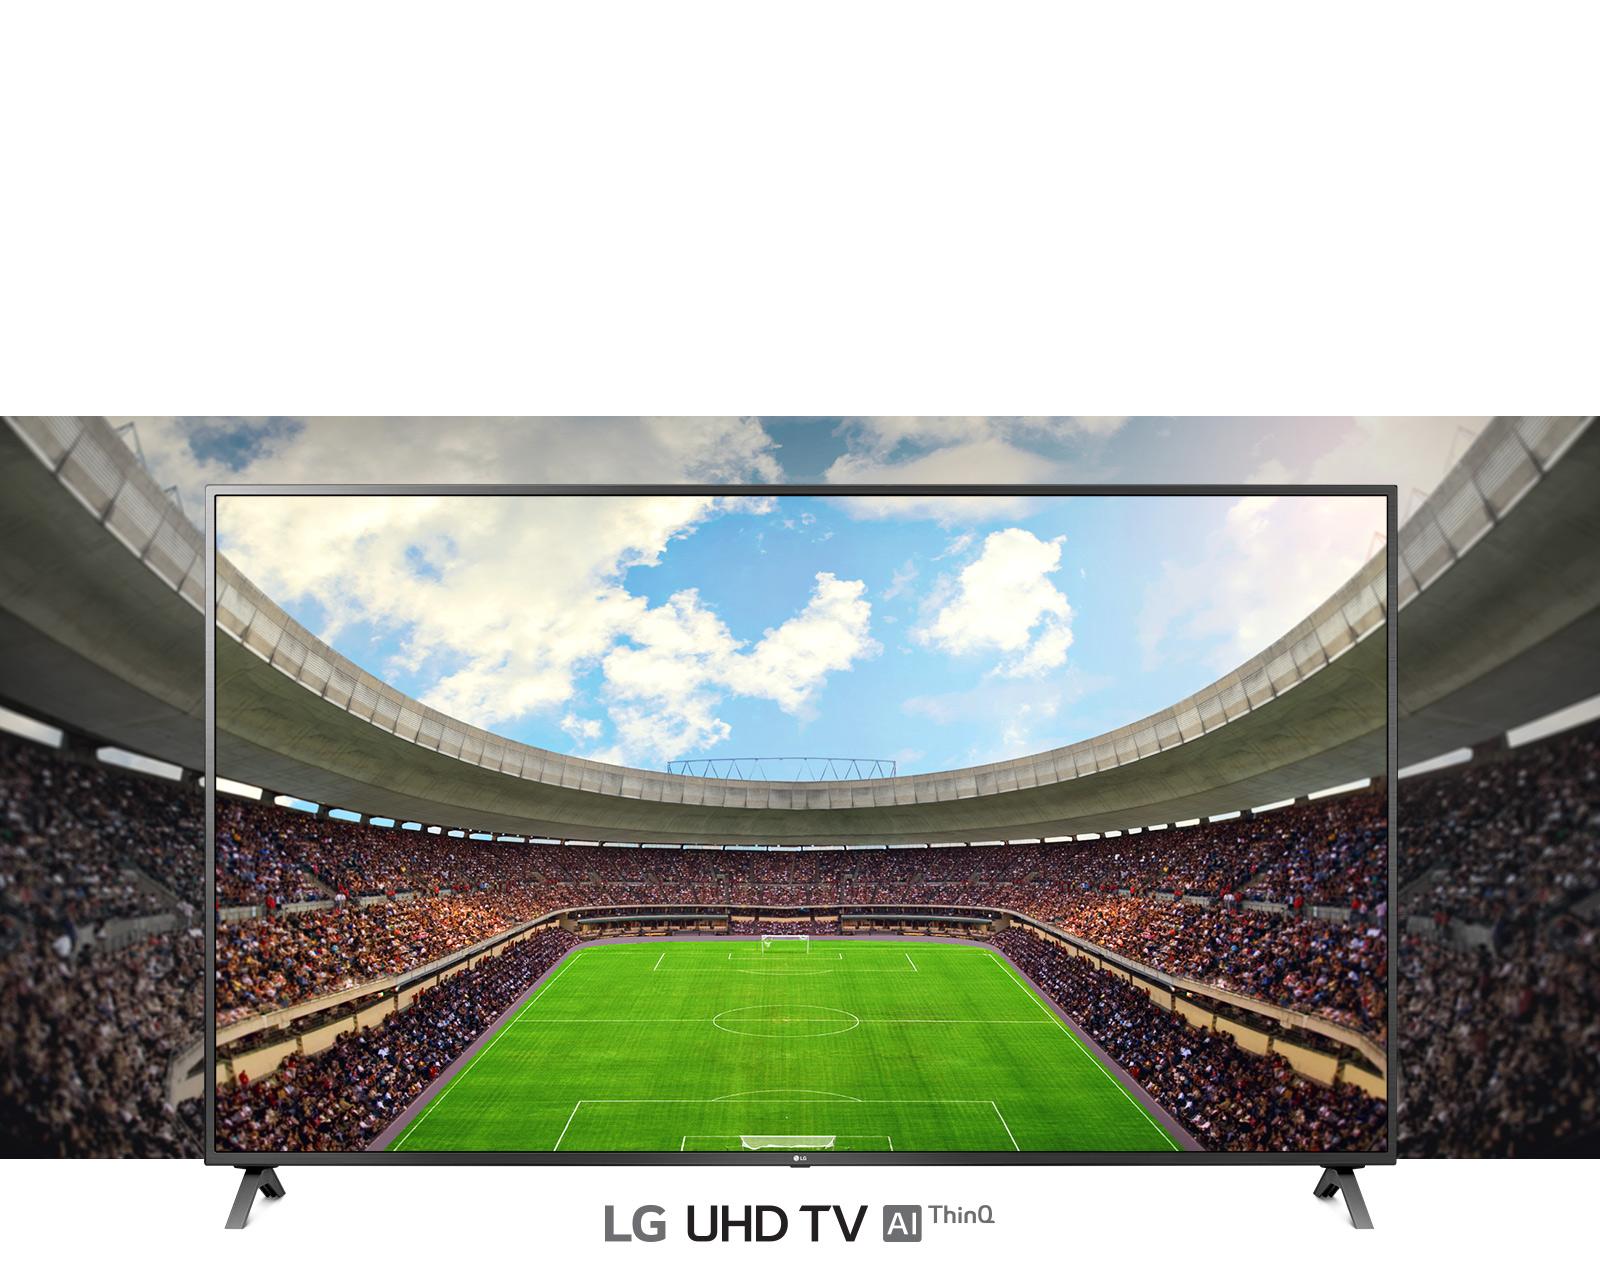 قیمت تلویزیون 65 اینچ و 4K ال جی مدل 65UN8060